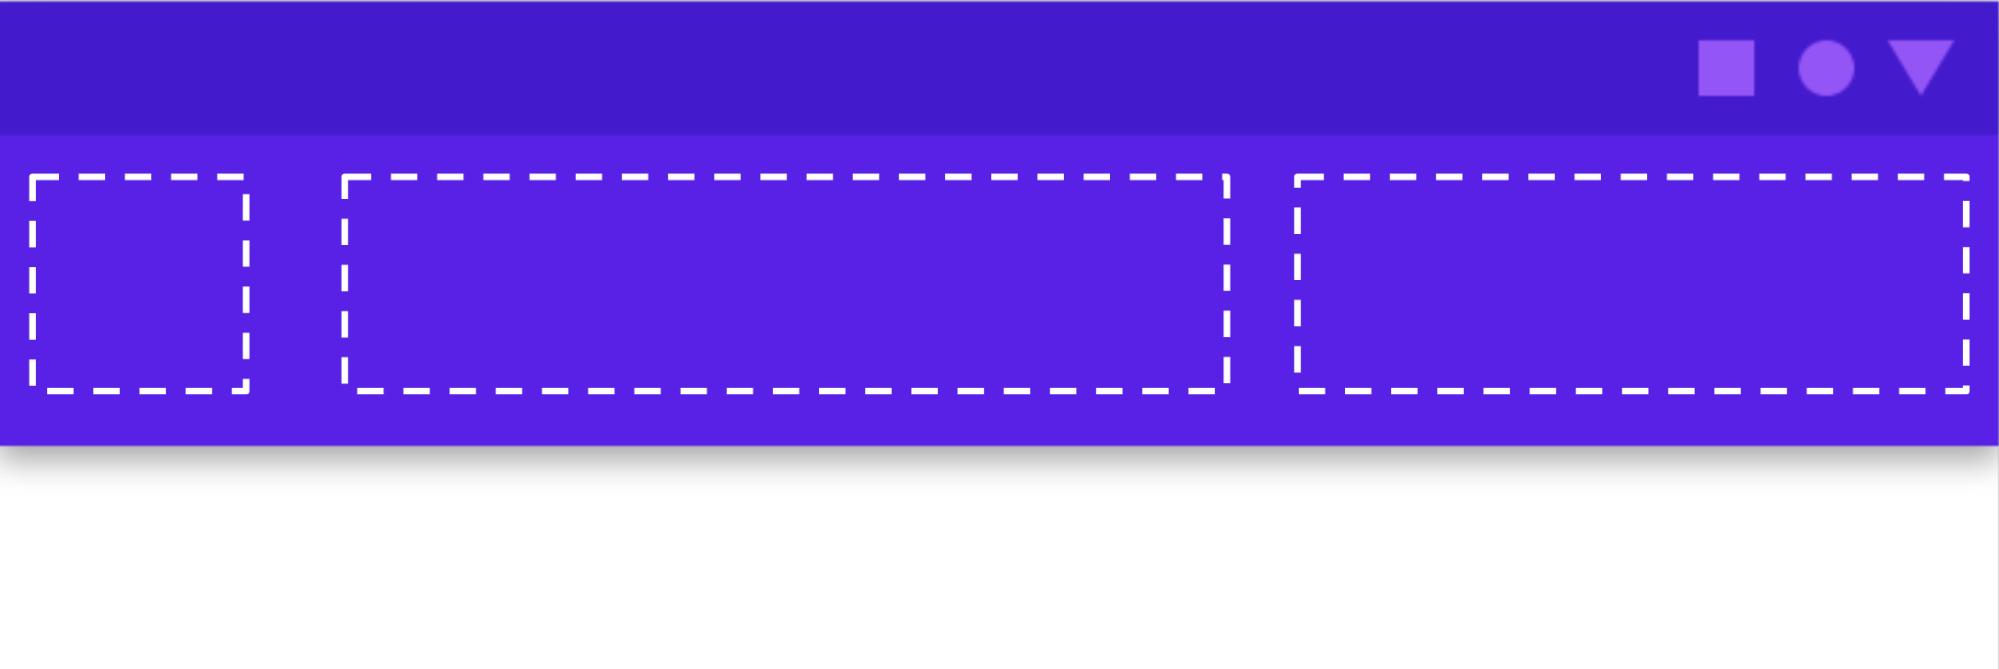 Diagrama que muestra los espacios disponibles en la barra de la app de componentes de Material